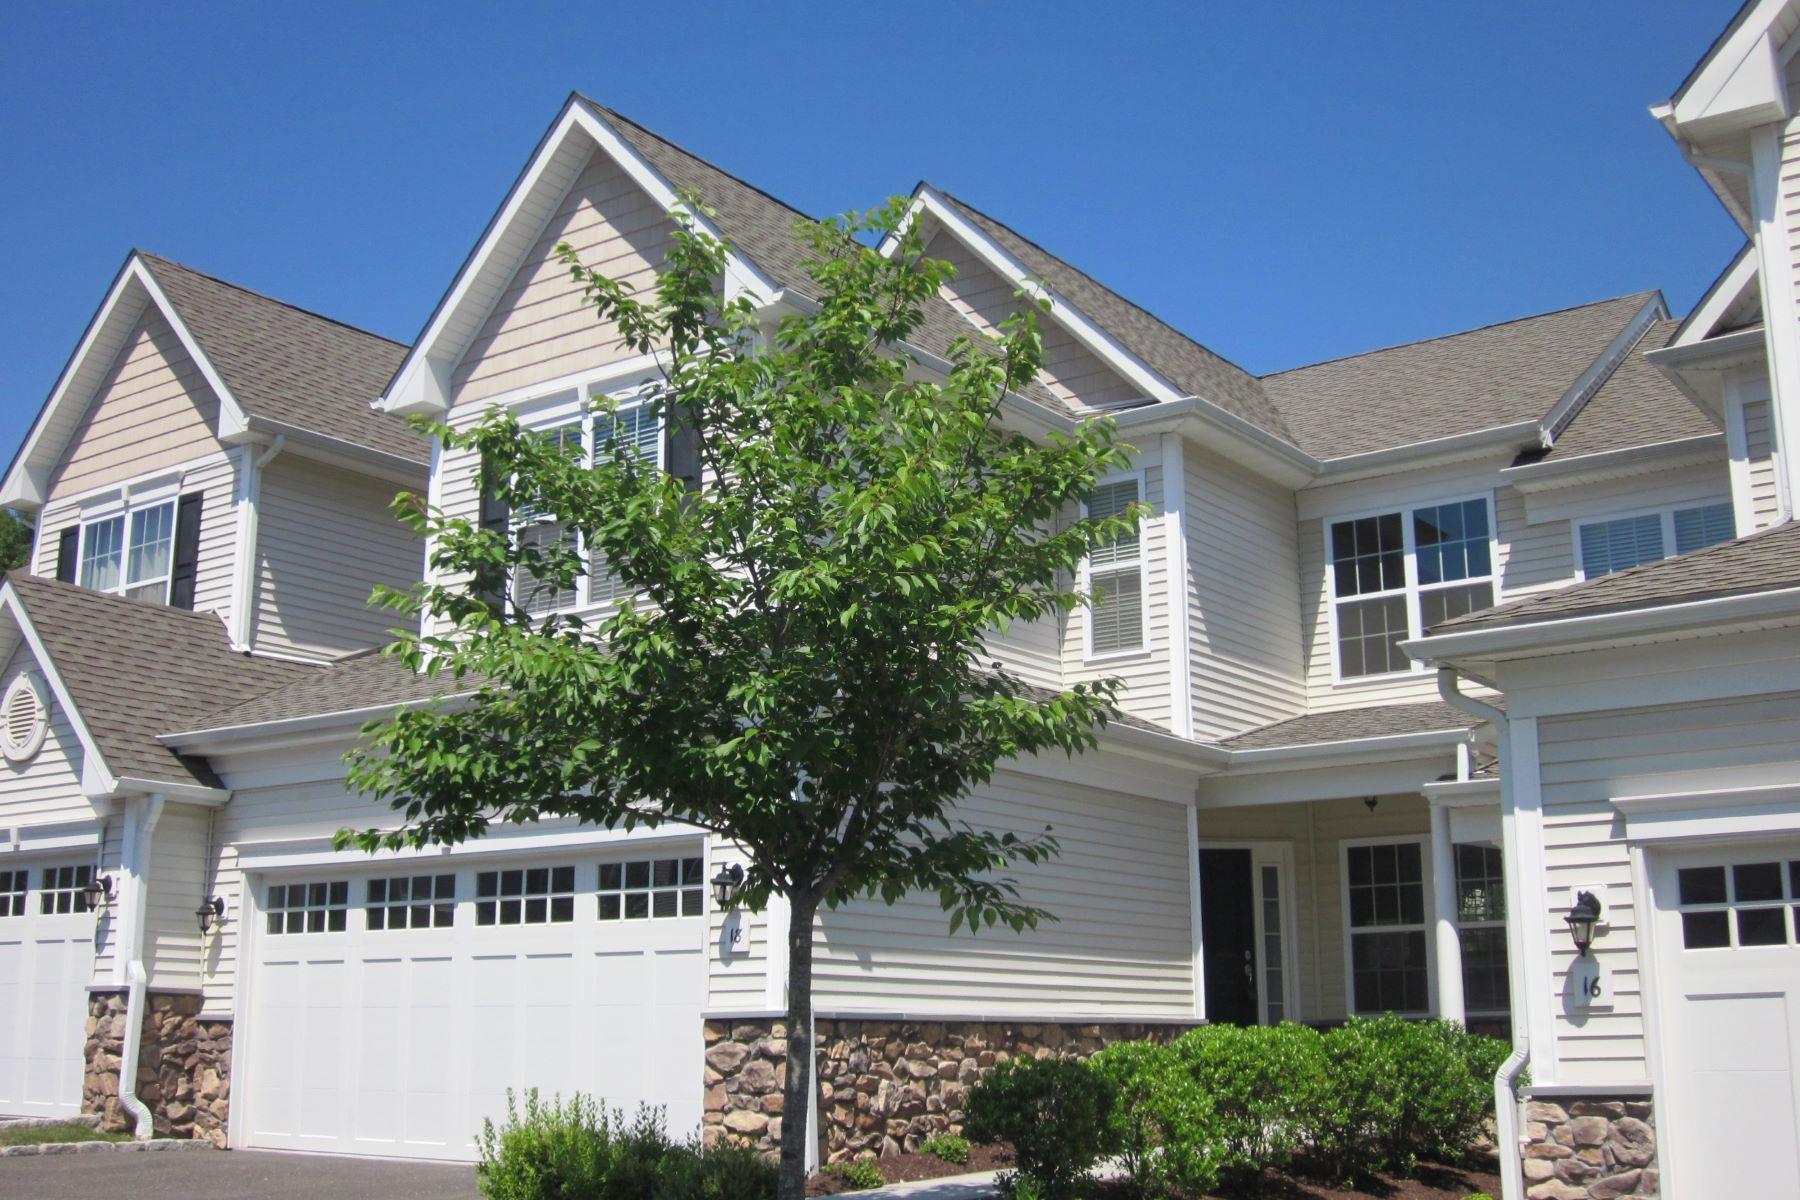 Condominio por un Alquiler en Bright 3 BR, 2/1 BA Townhouse 18 Hidden Brook Trail #18 18 Bethel, Connecticut, 06801 Estados Unidos